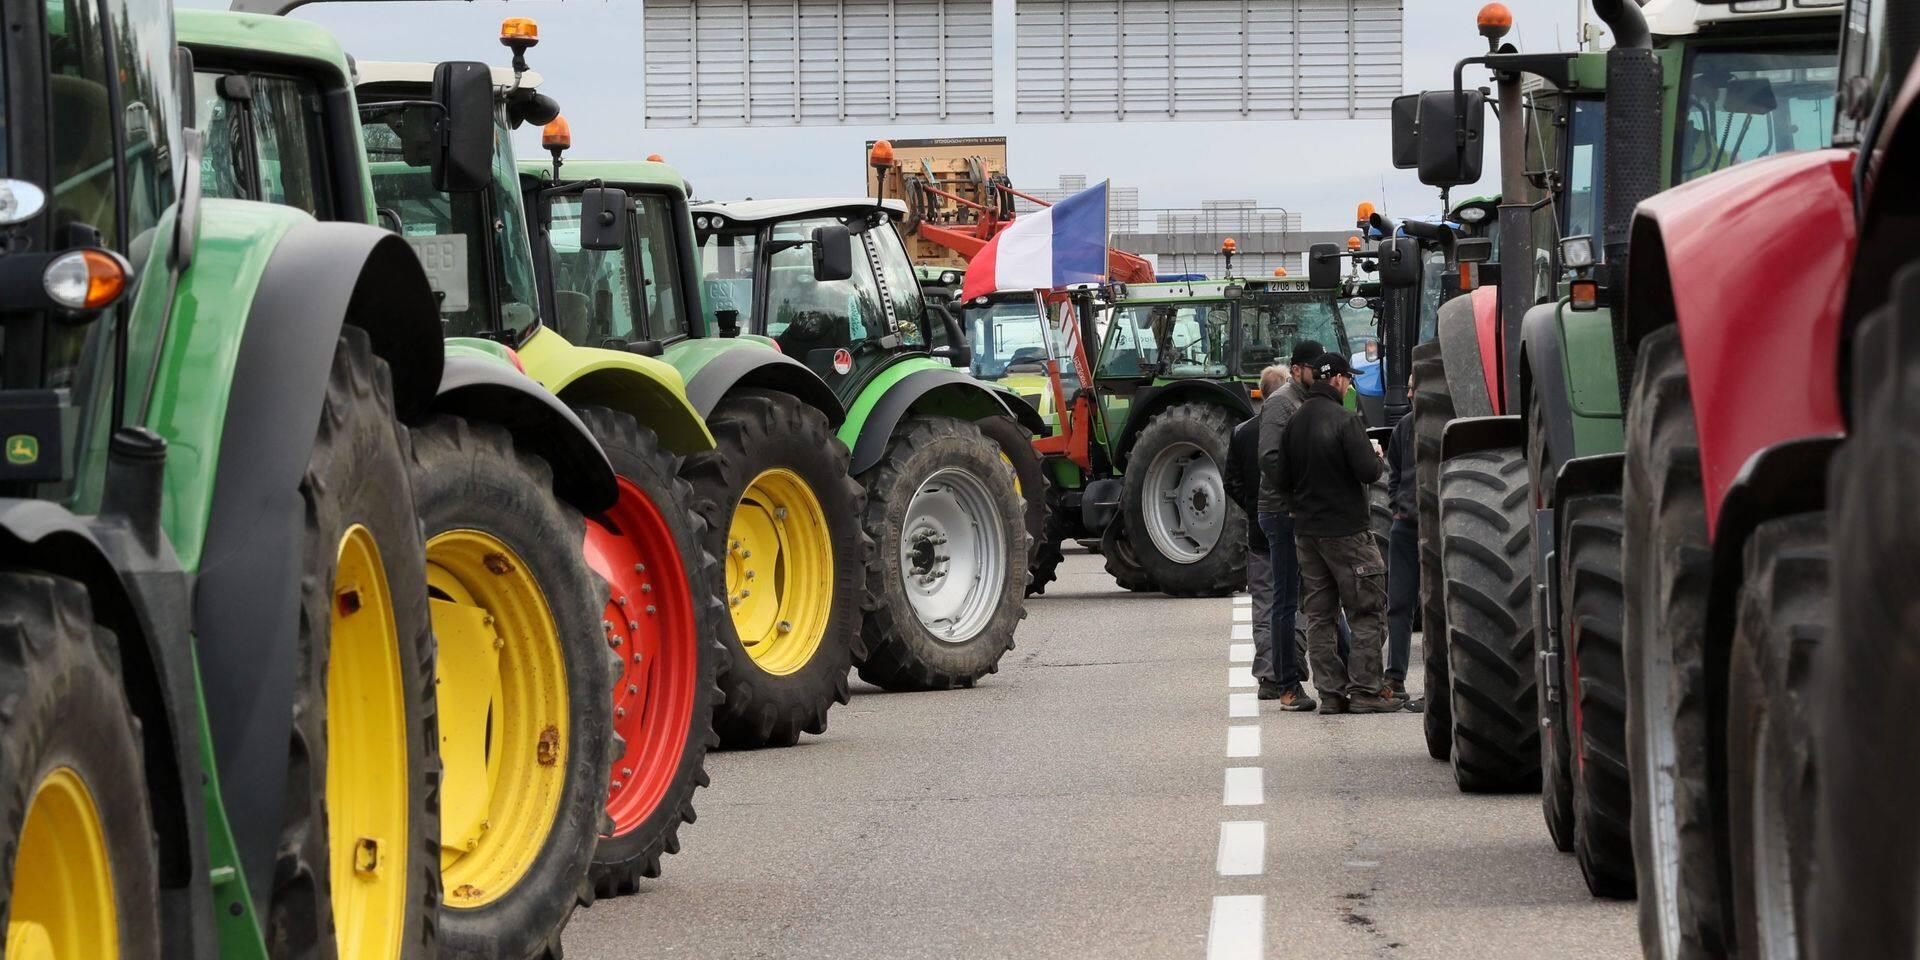 Manifestation des agriculteurs français : le poste frontière d'Hensies rouvert à la circulation